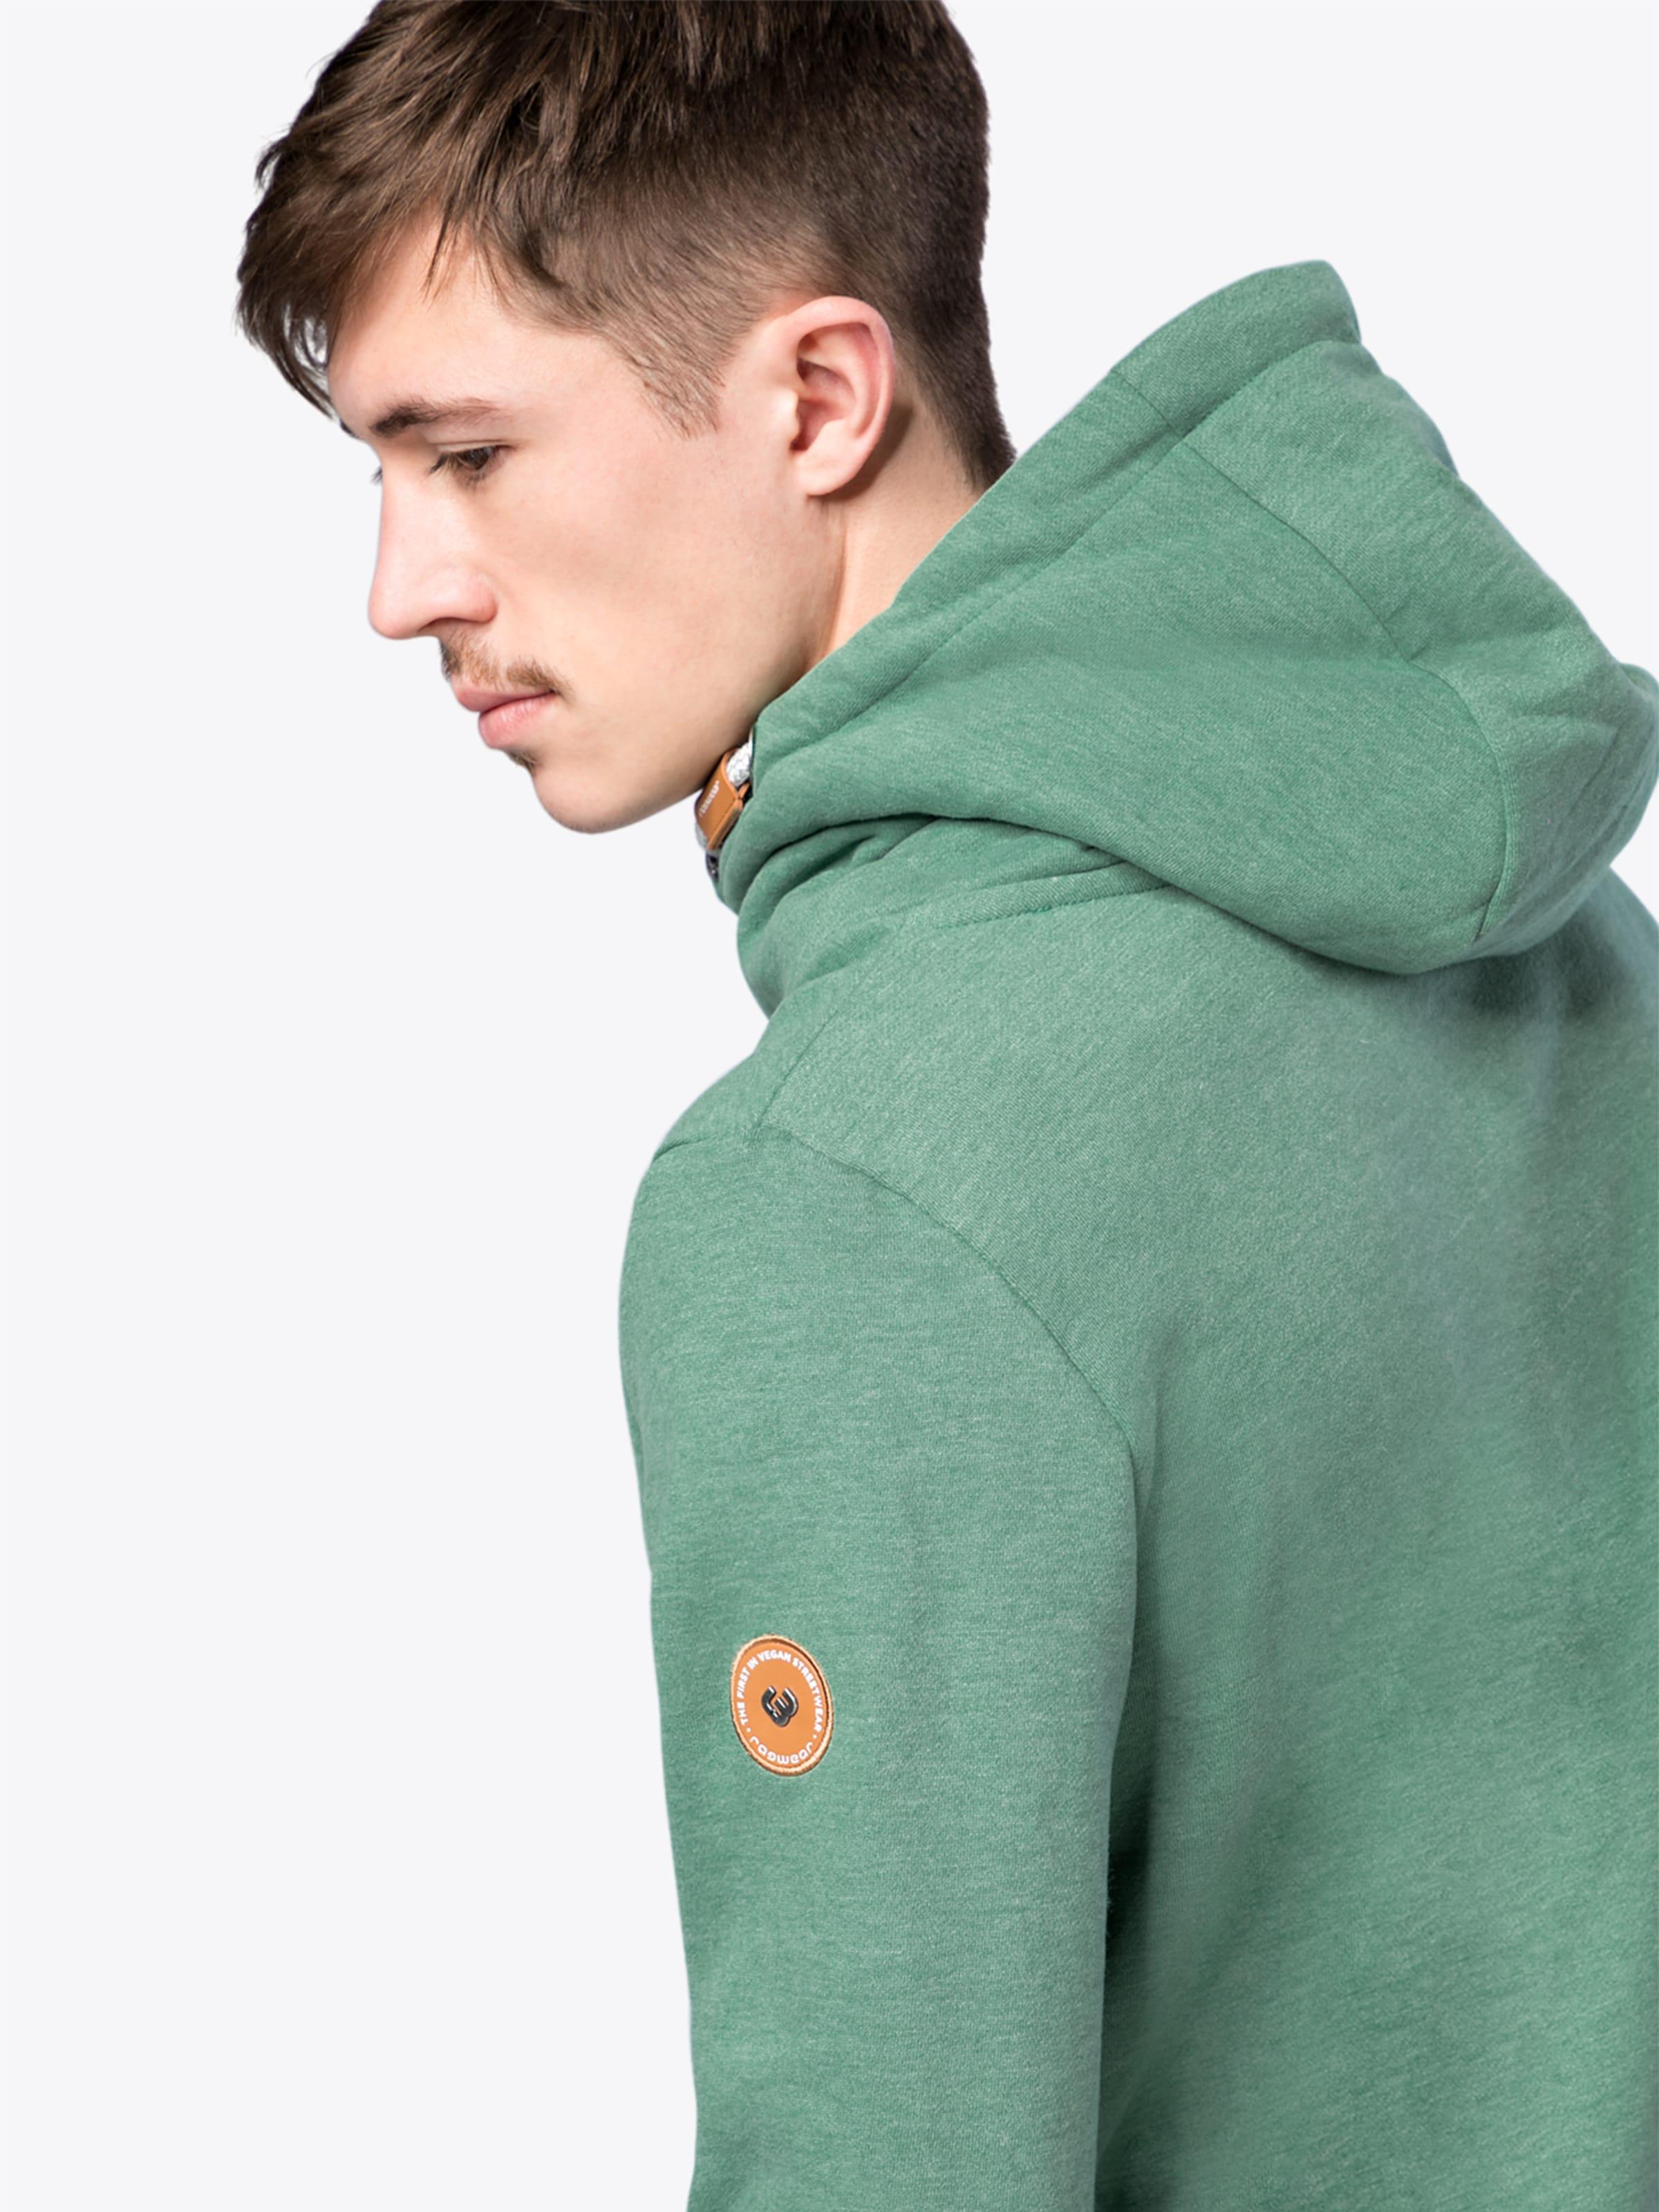 Ragwear Hoodie 'NATE' Wirklich Billig Preis Günstig Kaufen Fabrikverkauf Für Schön nXVPqAgm8O